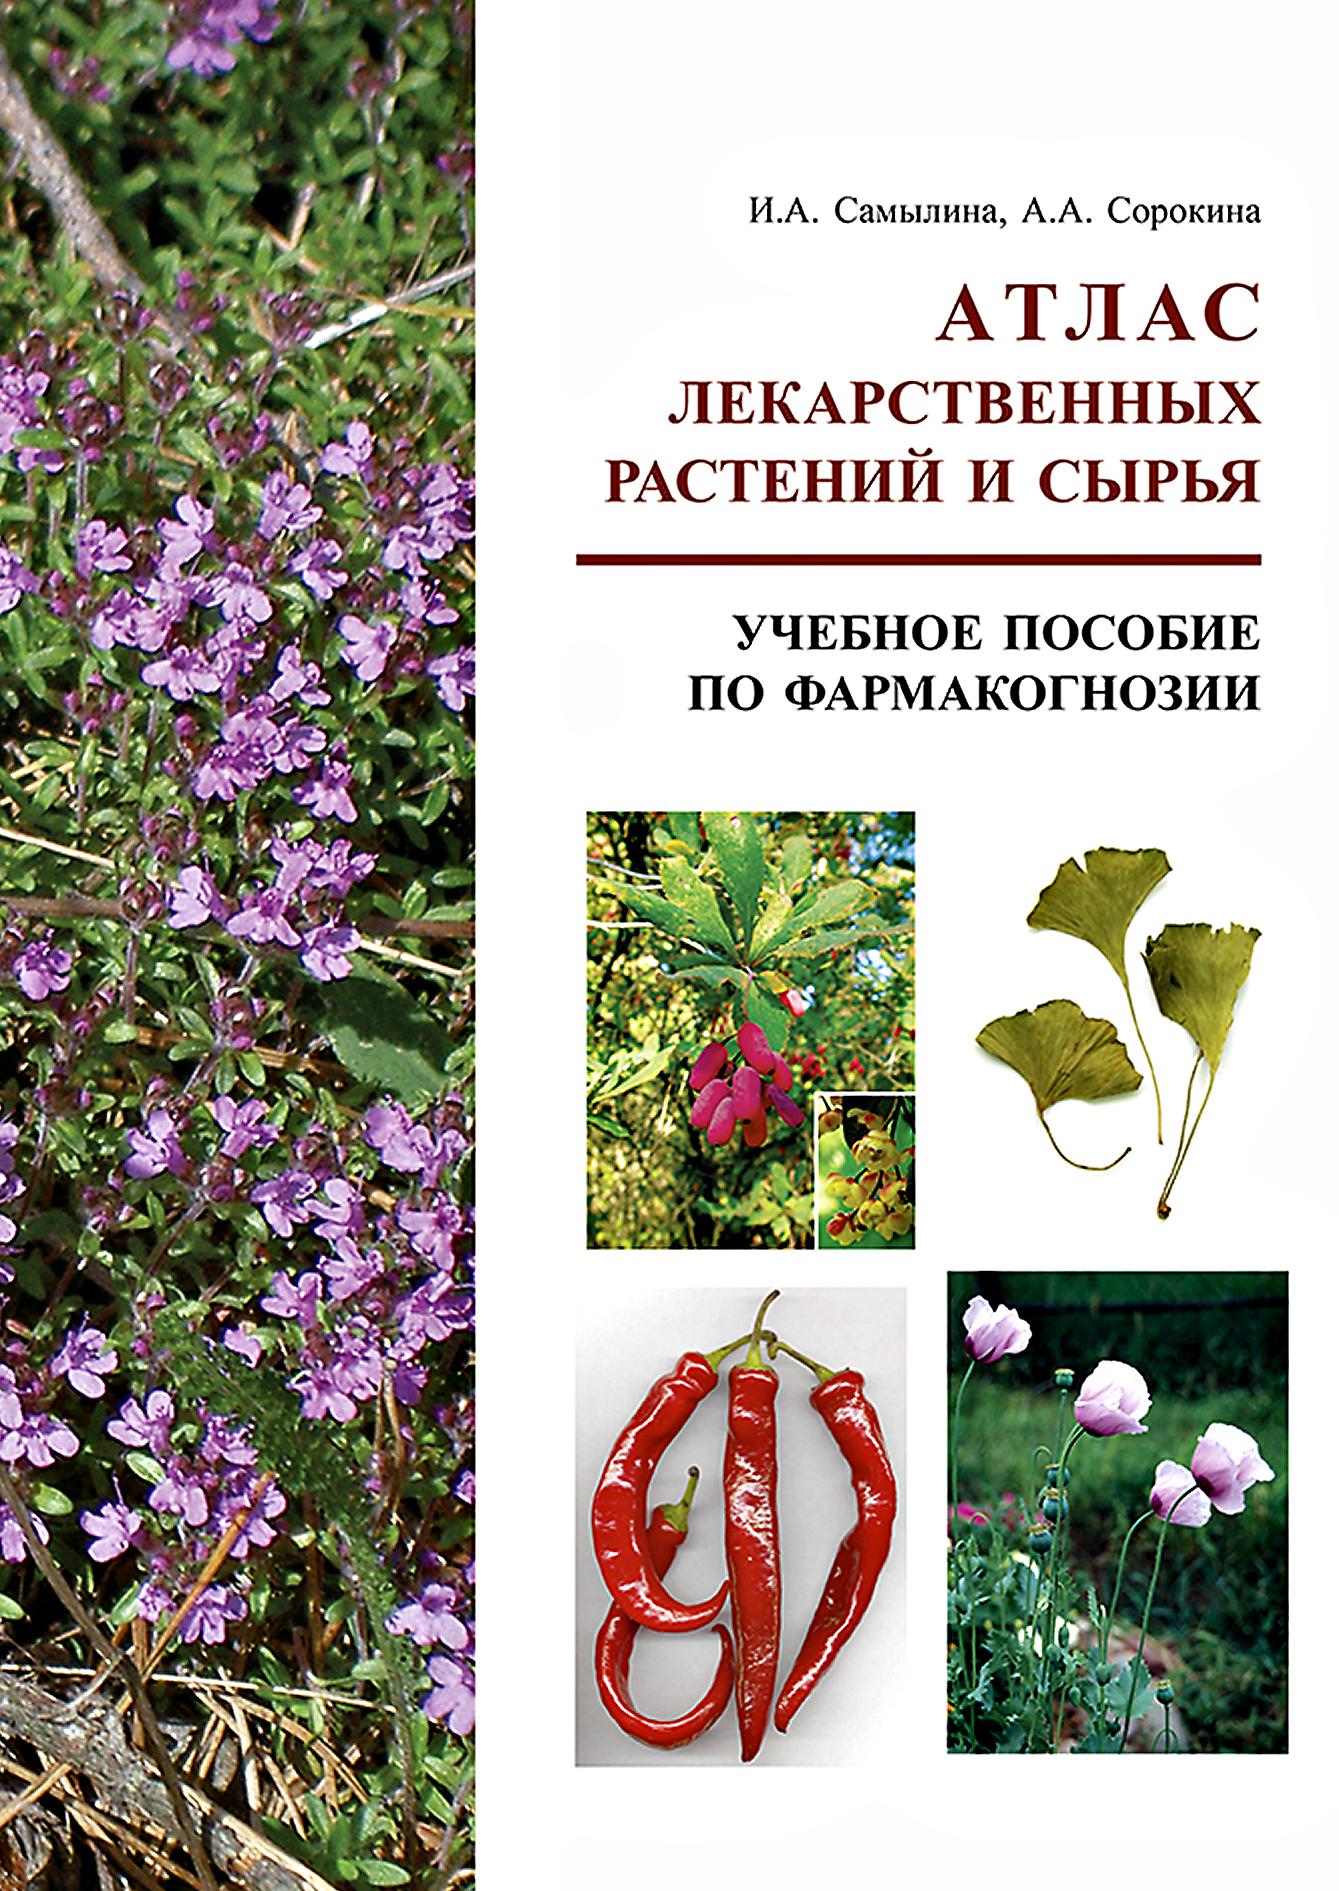 И. А. Самылина, А. А. Сорокина «Атлас лекарственных растений и сырья. Учебное пособие по фармакогнозии»